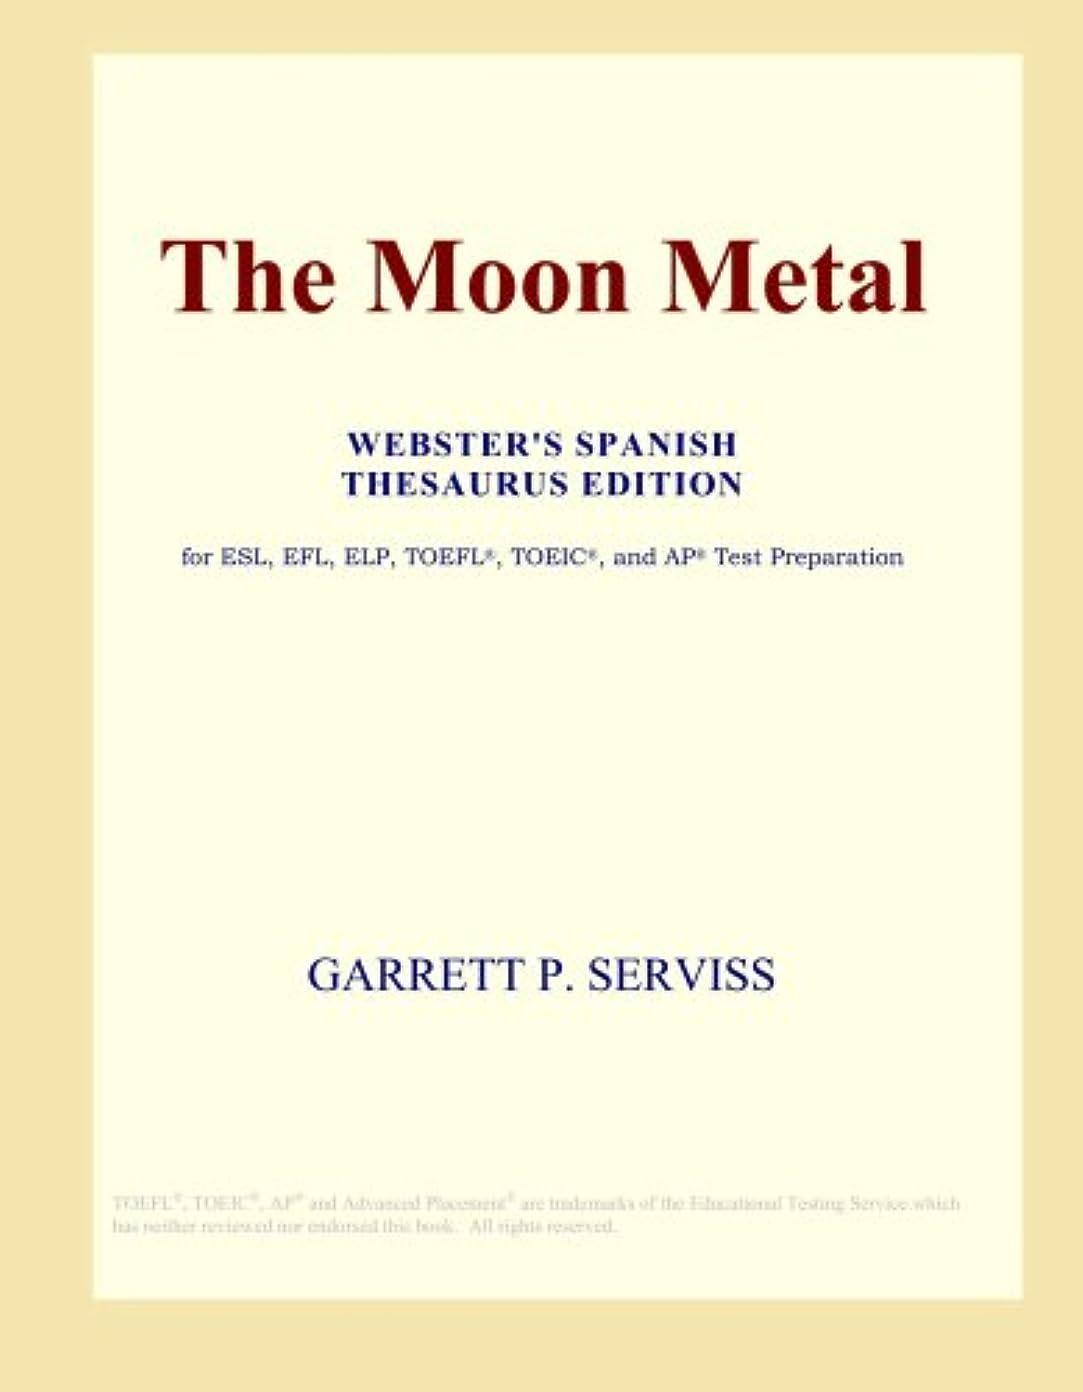 電卓のスコア暴露するThe Moon Metal (Webster's Spanish Thesaurus Edition)